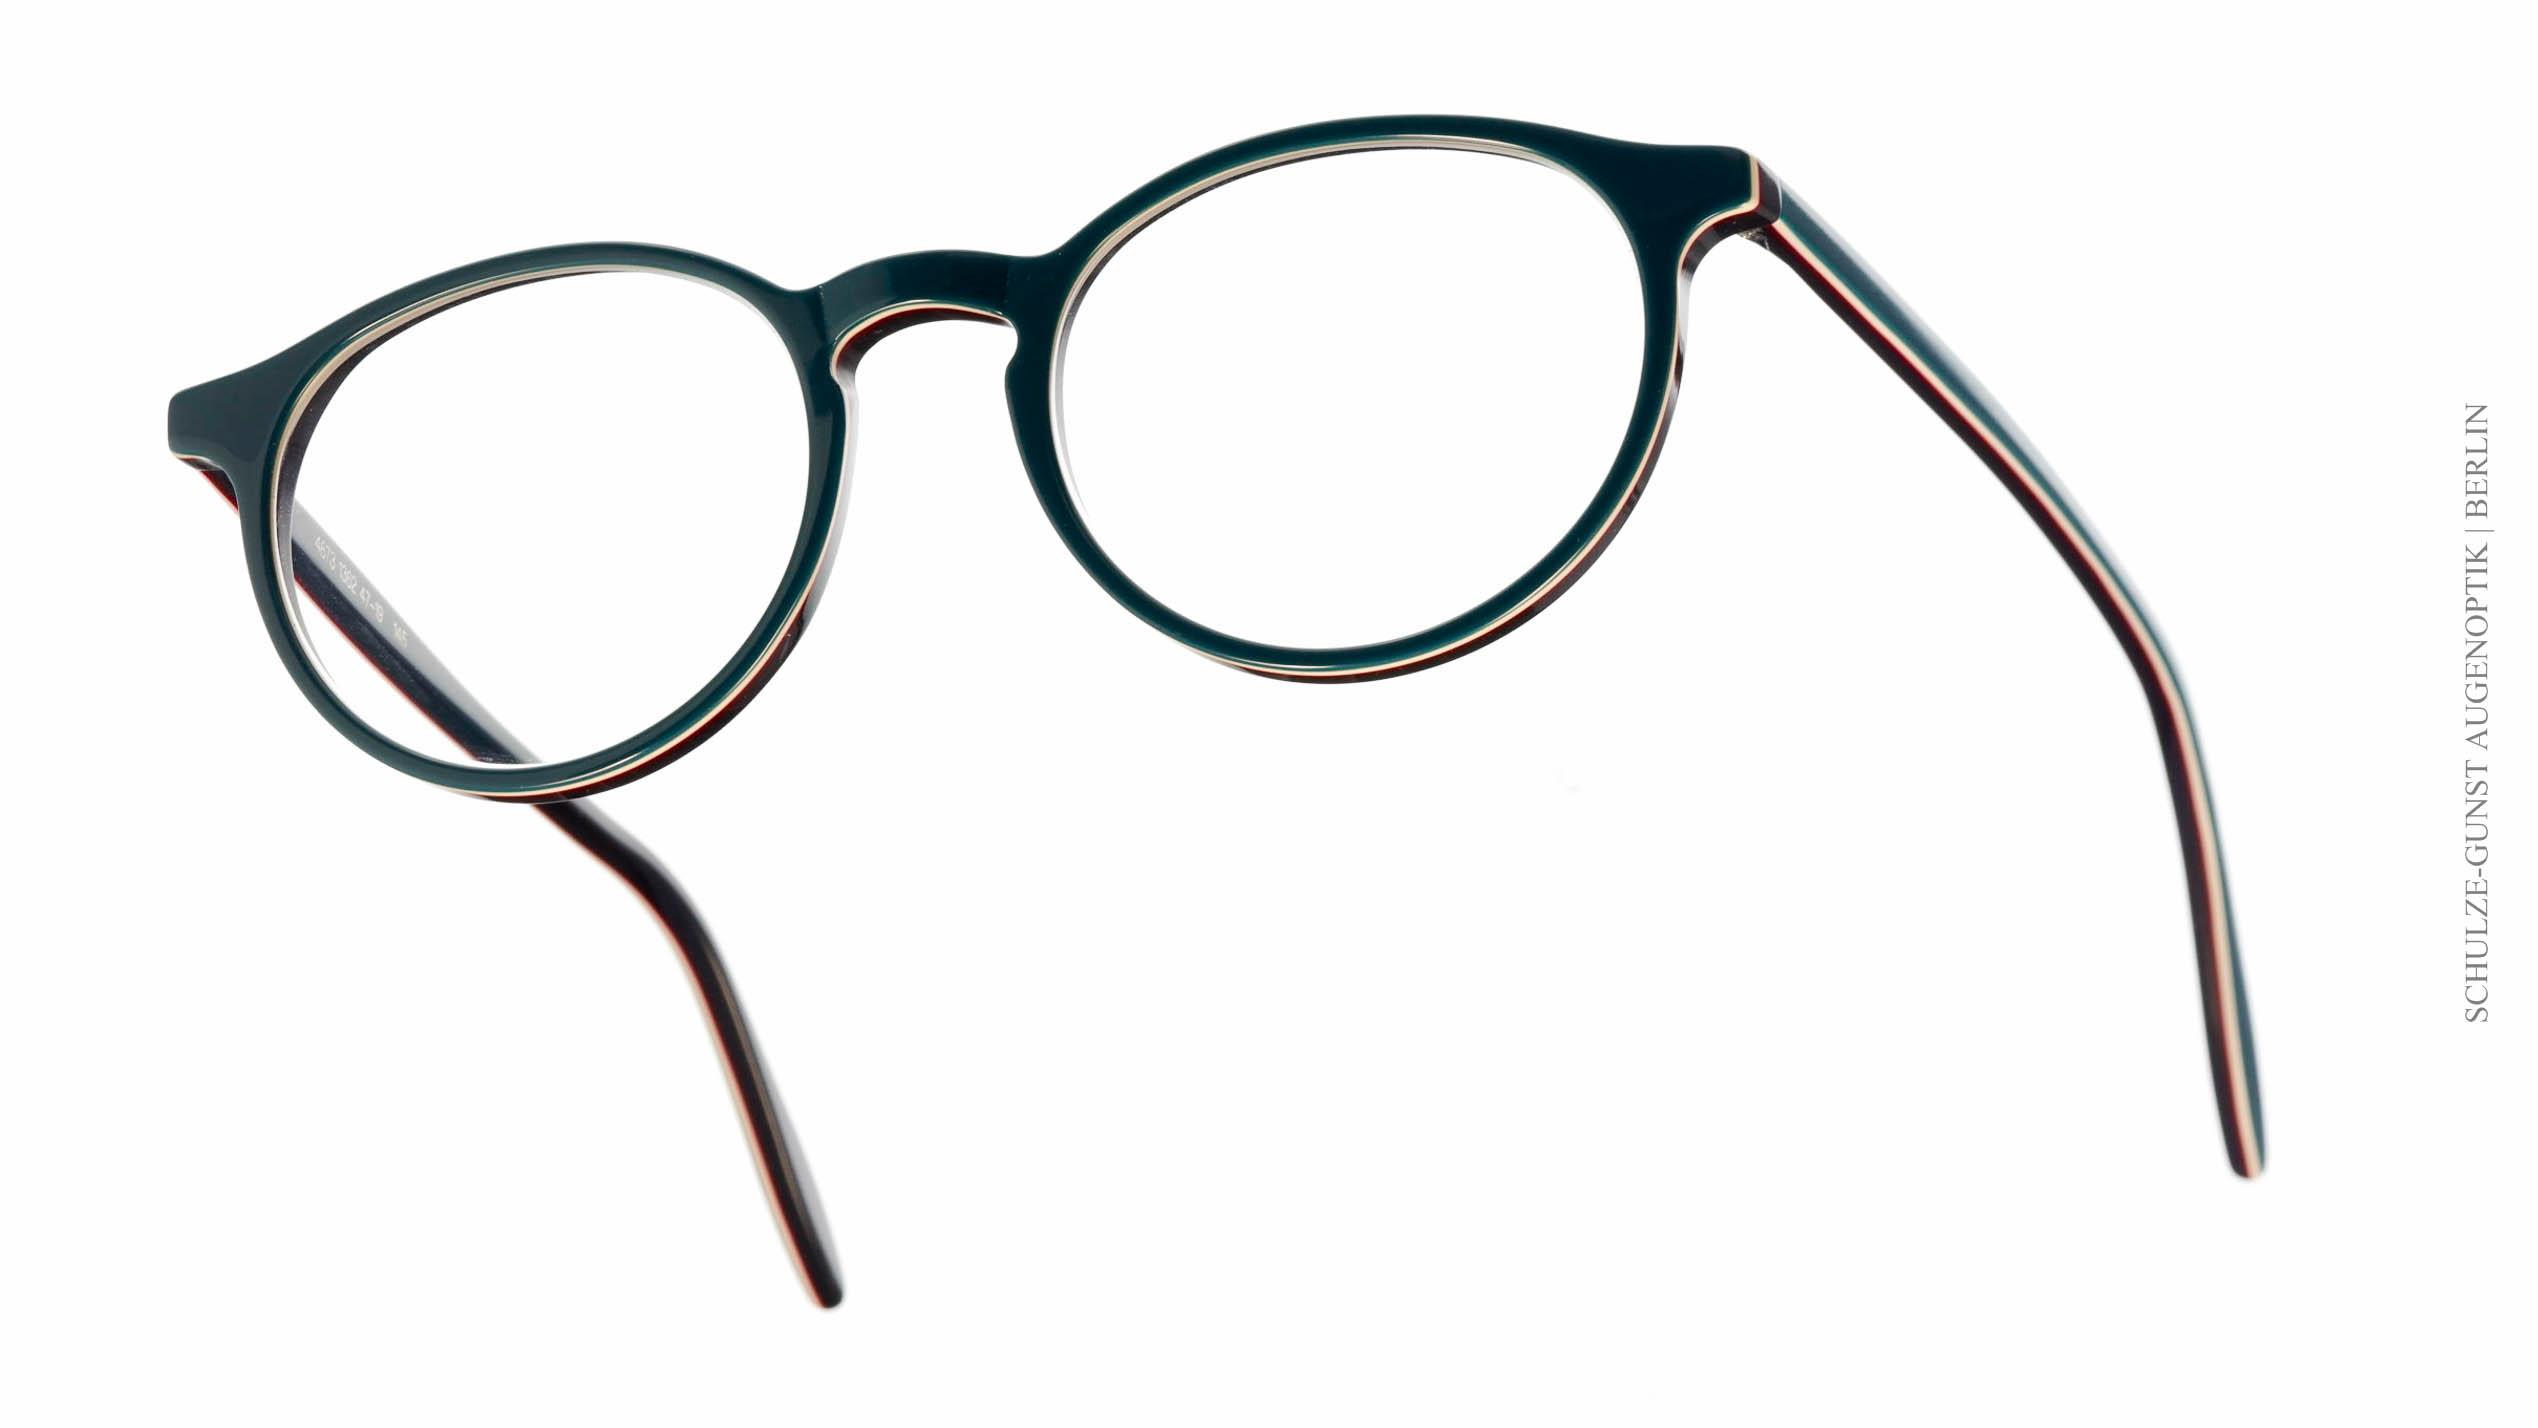 herrenbrille-schnuchel Archive - SCHULZE-GUNST Augenoptik seit 1894